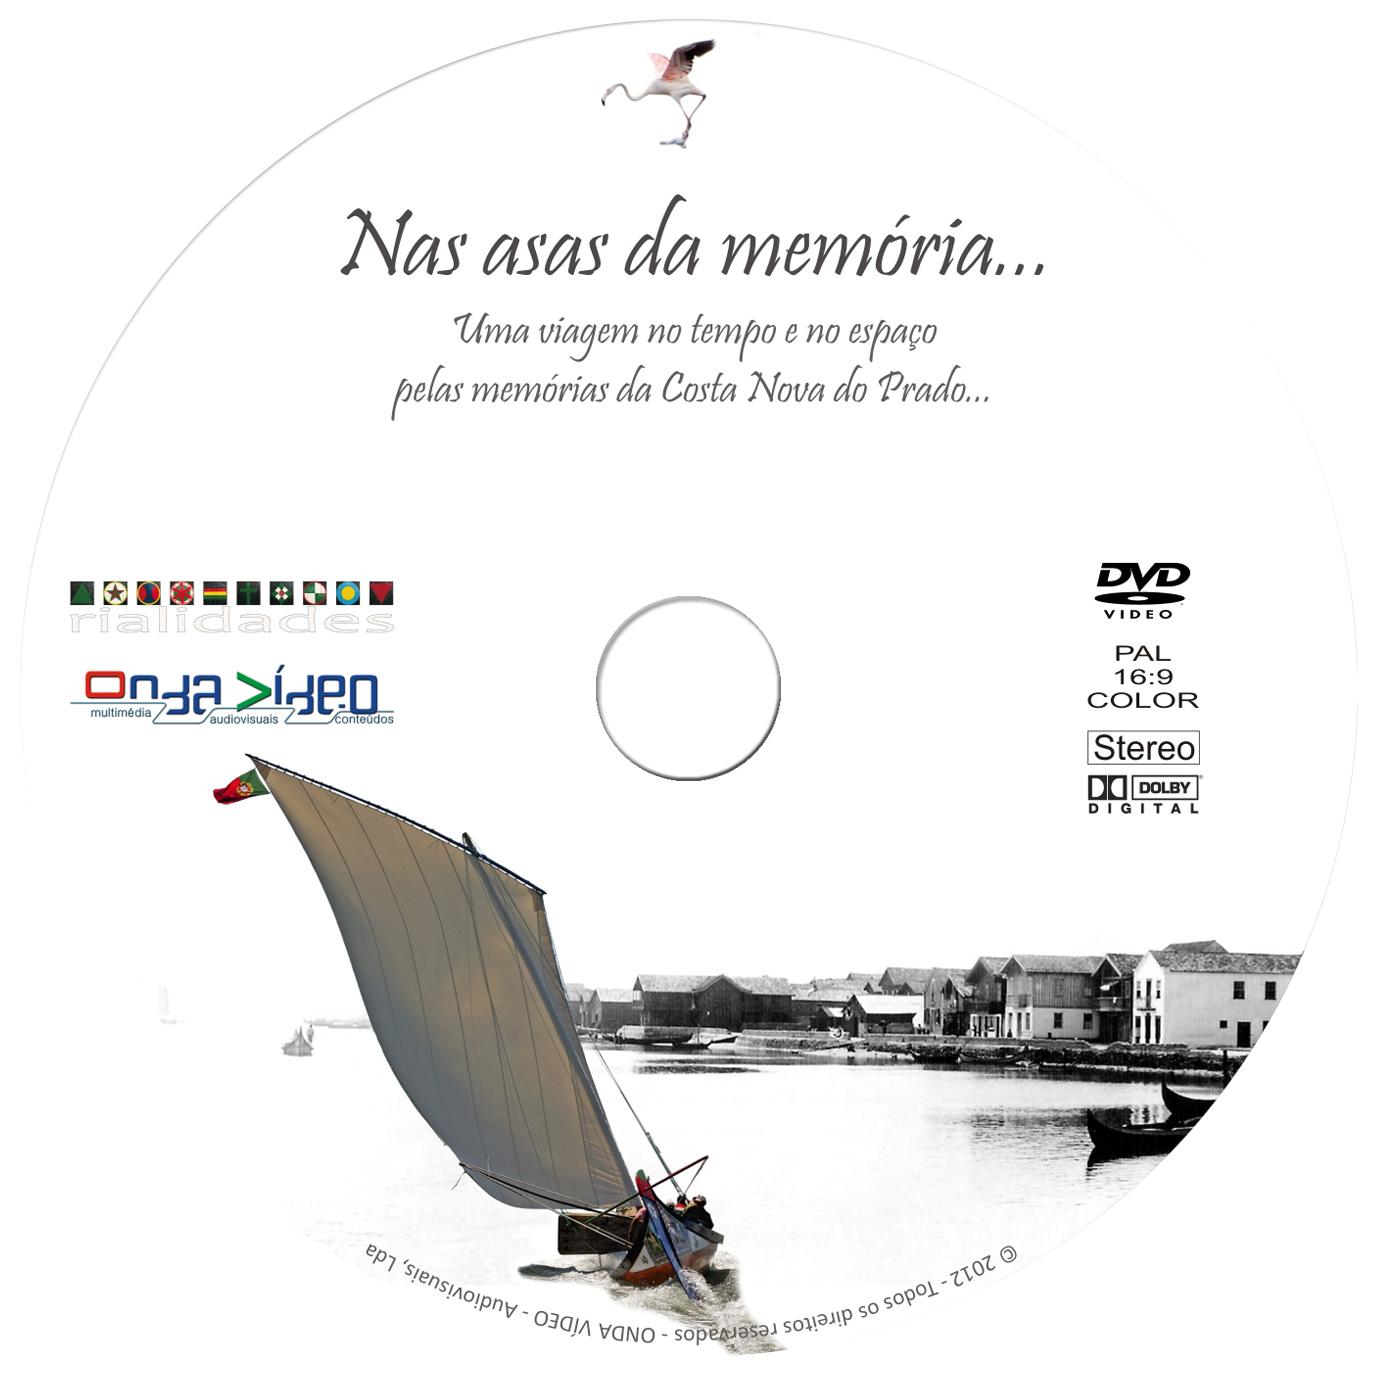 """DVD VÍDEO """"nas asas da memória"""""""